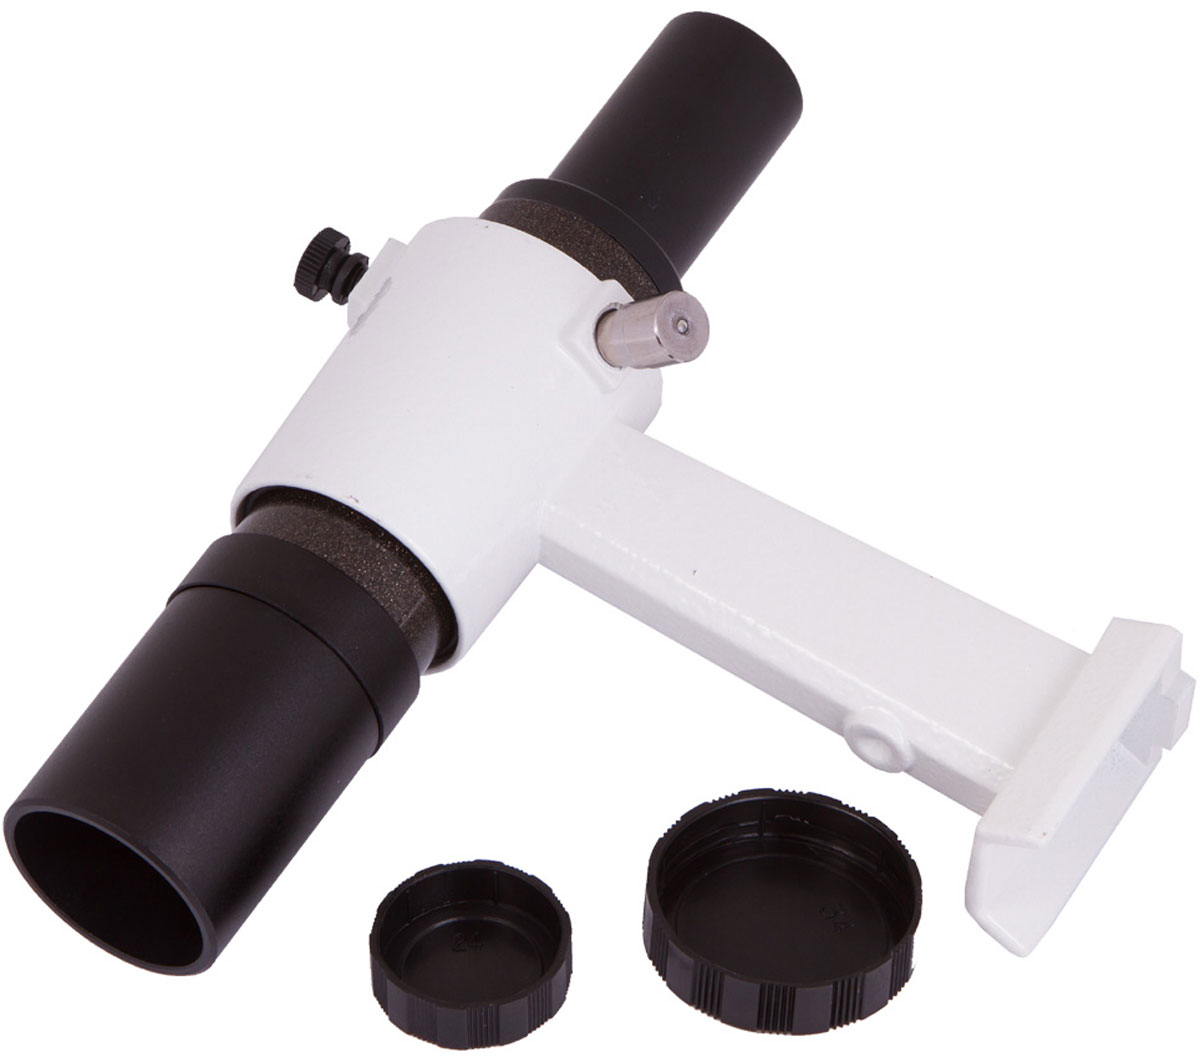 Sky-Watcher 68577 искатель оптический оборачивающий с креплением 6 x 3068577Ахроматический оборачивающий искатель Sky-Watcher 6 x 30 прекрасно подходит для поиска небесных тел и наземных объектов. Искатель дает правильно ориентированное изображение – это особенно ценно при ландшафтных наблюдениях. В комплект входит держатель для установки на оптическую трубу. Трубка искателя выравнивается параллельно трубе телескопа и фиксируется винтами.